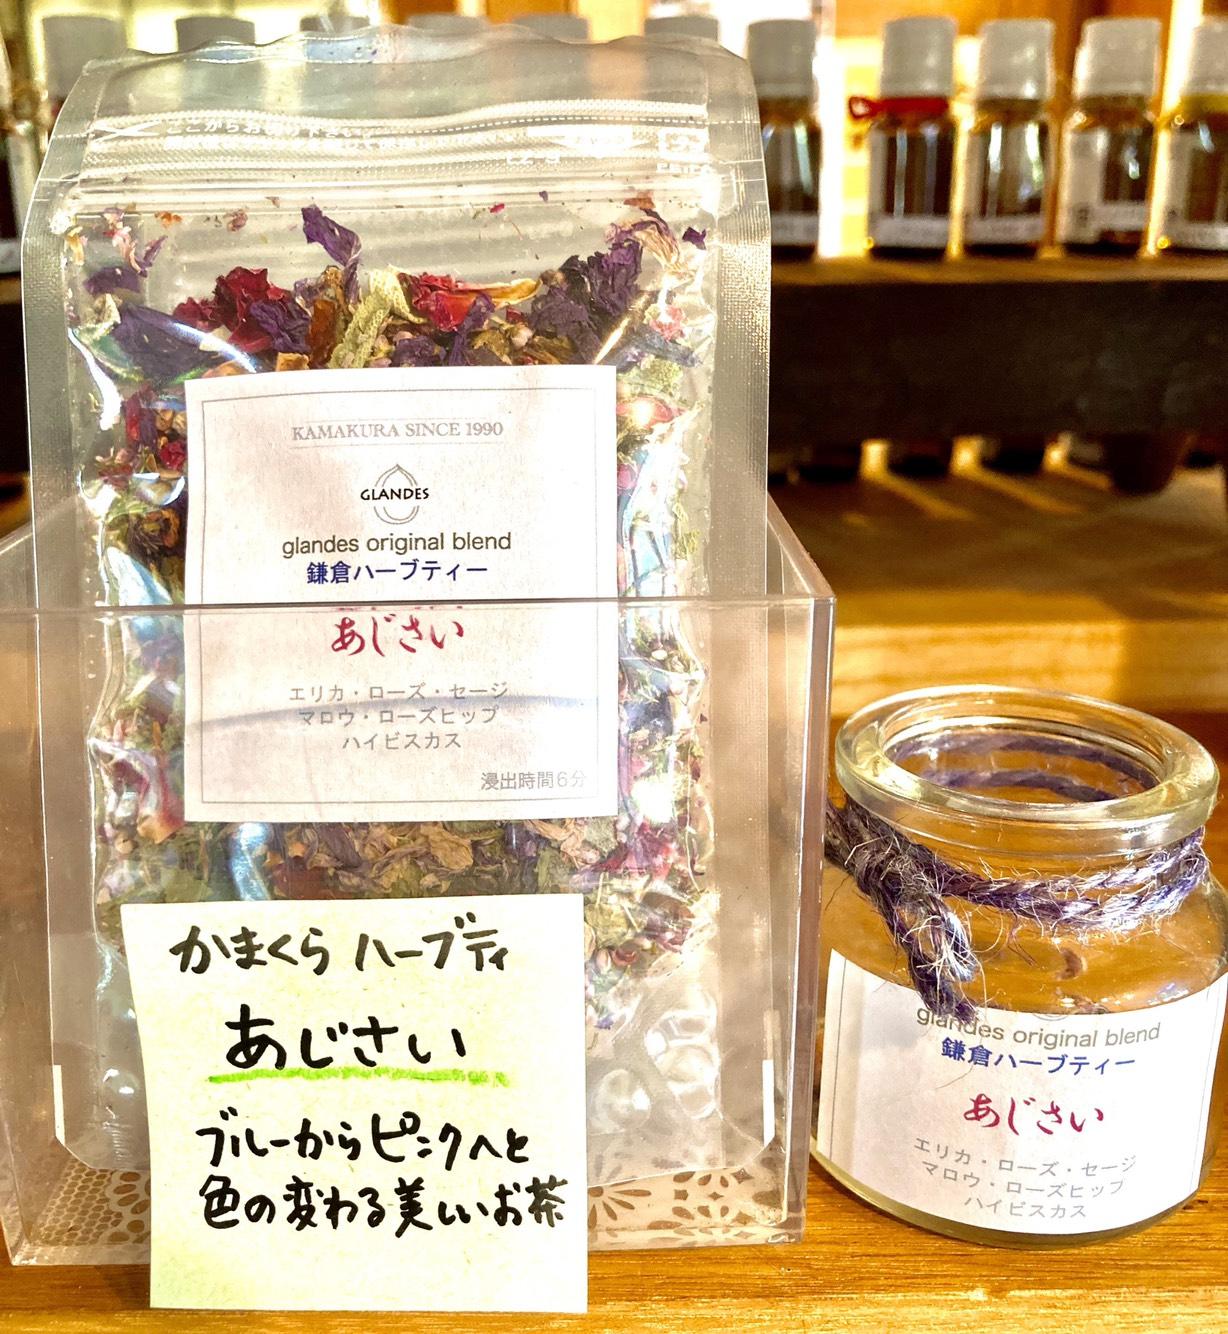 鎌倉ハーブティ『あじさい』ふんわりとした優しい香りと彩り